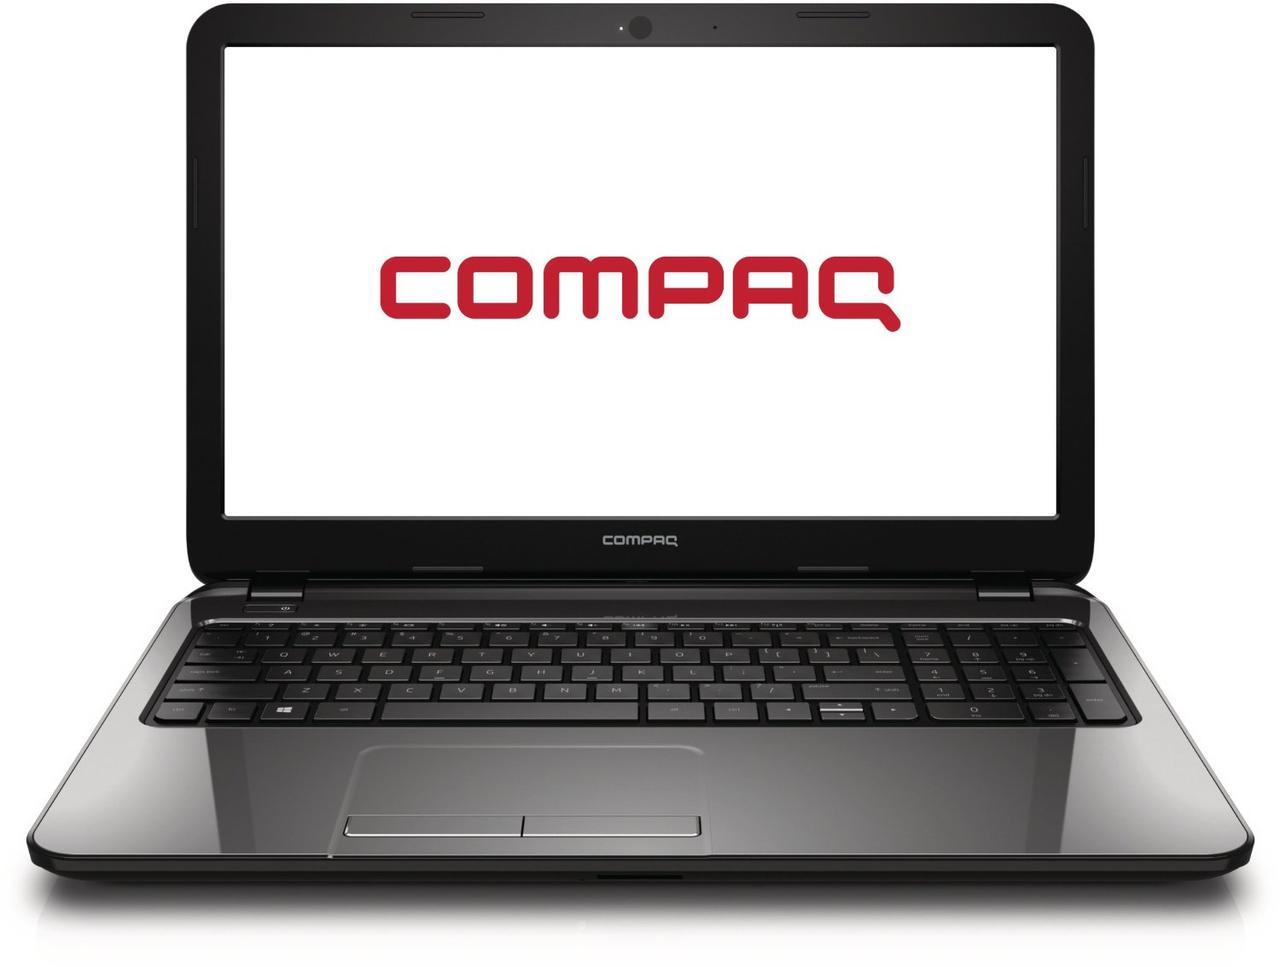 Ноутбук HP Compag 15-h049no-AMD E1-6010-1.3GHz-4Gb-DDR3-500Gb-HDD-DVD-R-W15.6-Web-(B-)- Б/У